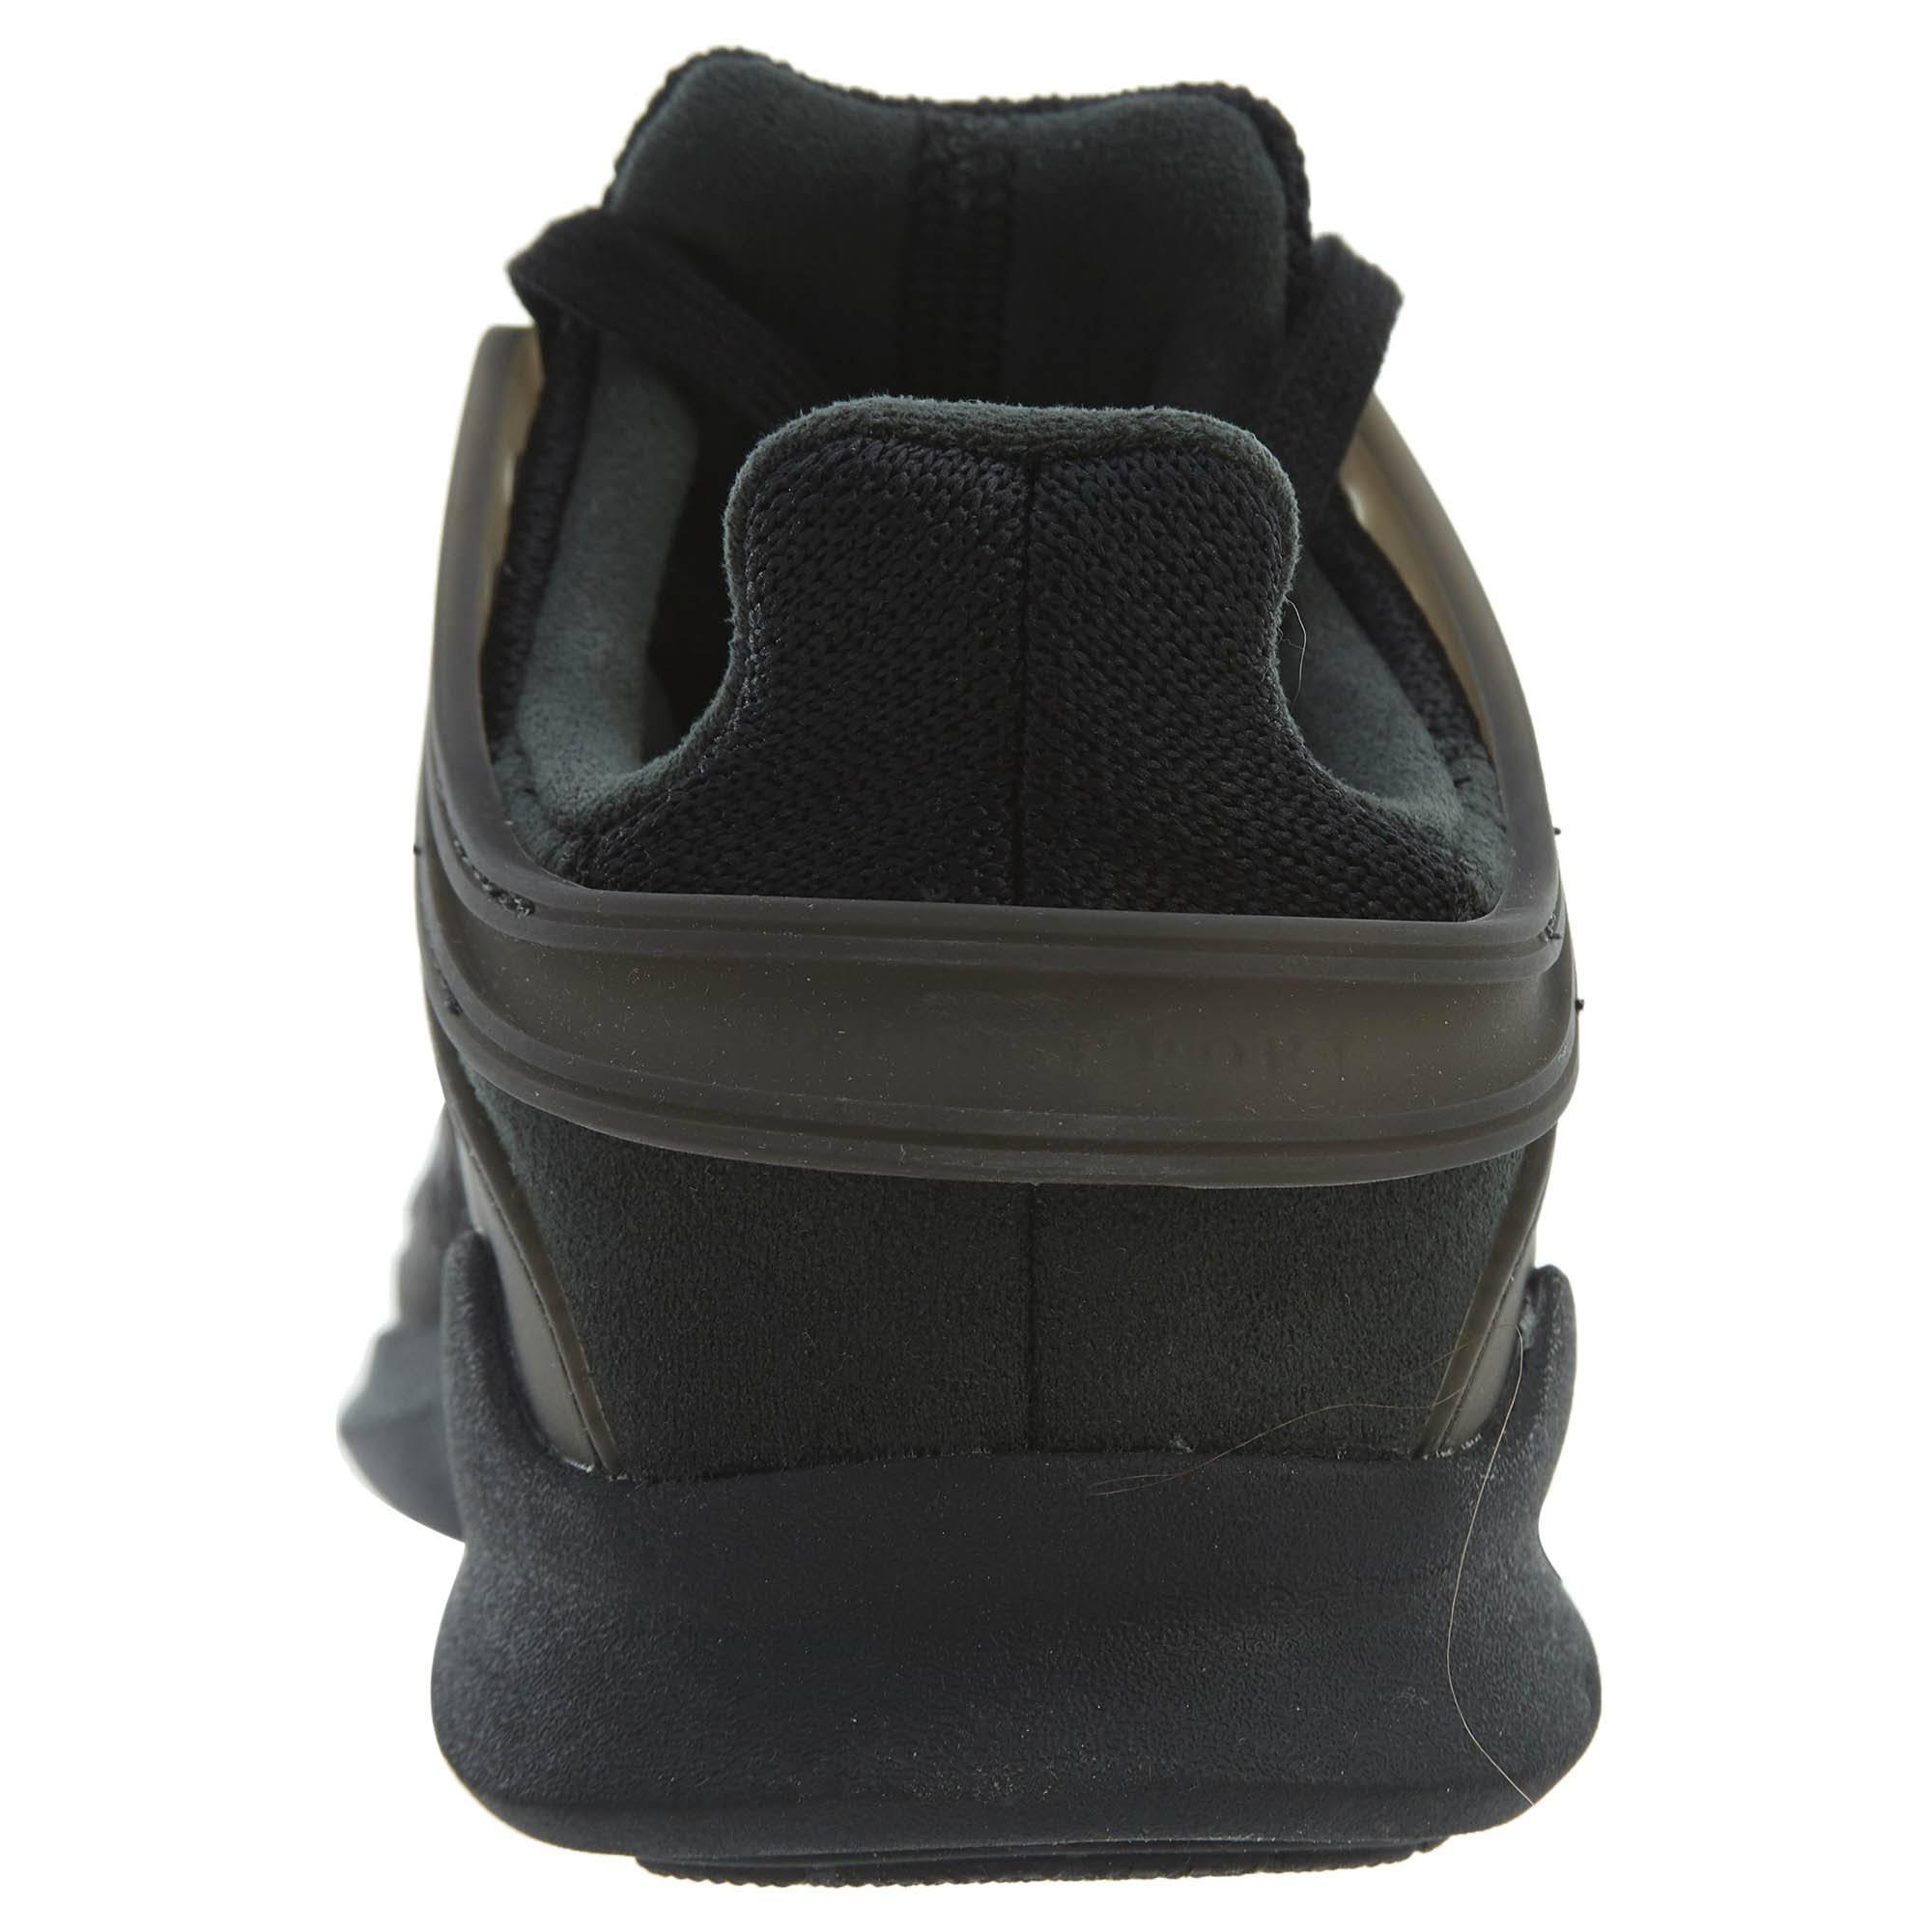 Kids Stil Schwarz Support Bb0251 weiß Schwarz Little Adidas Adv Eqt 14ITqn